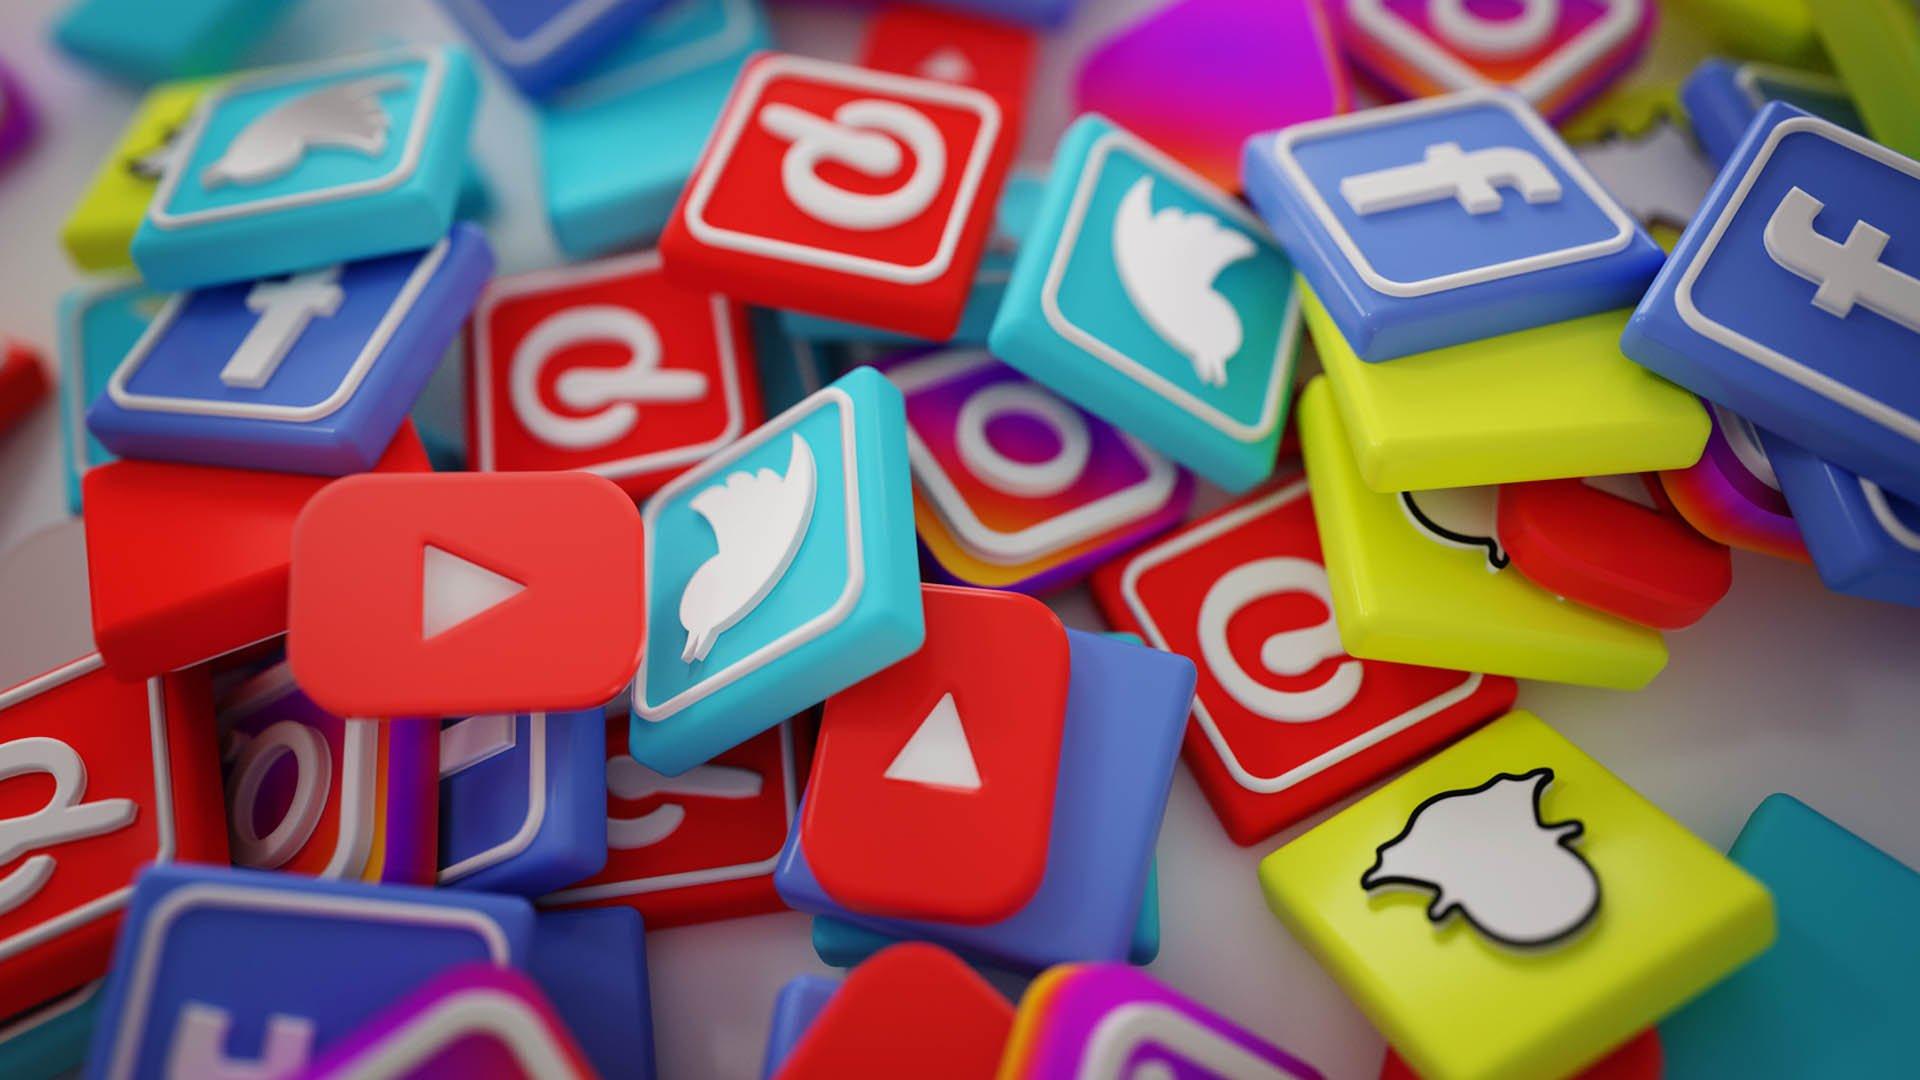 Scegliere i canali giusti per i social media